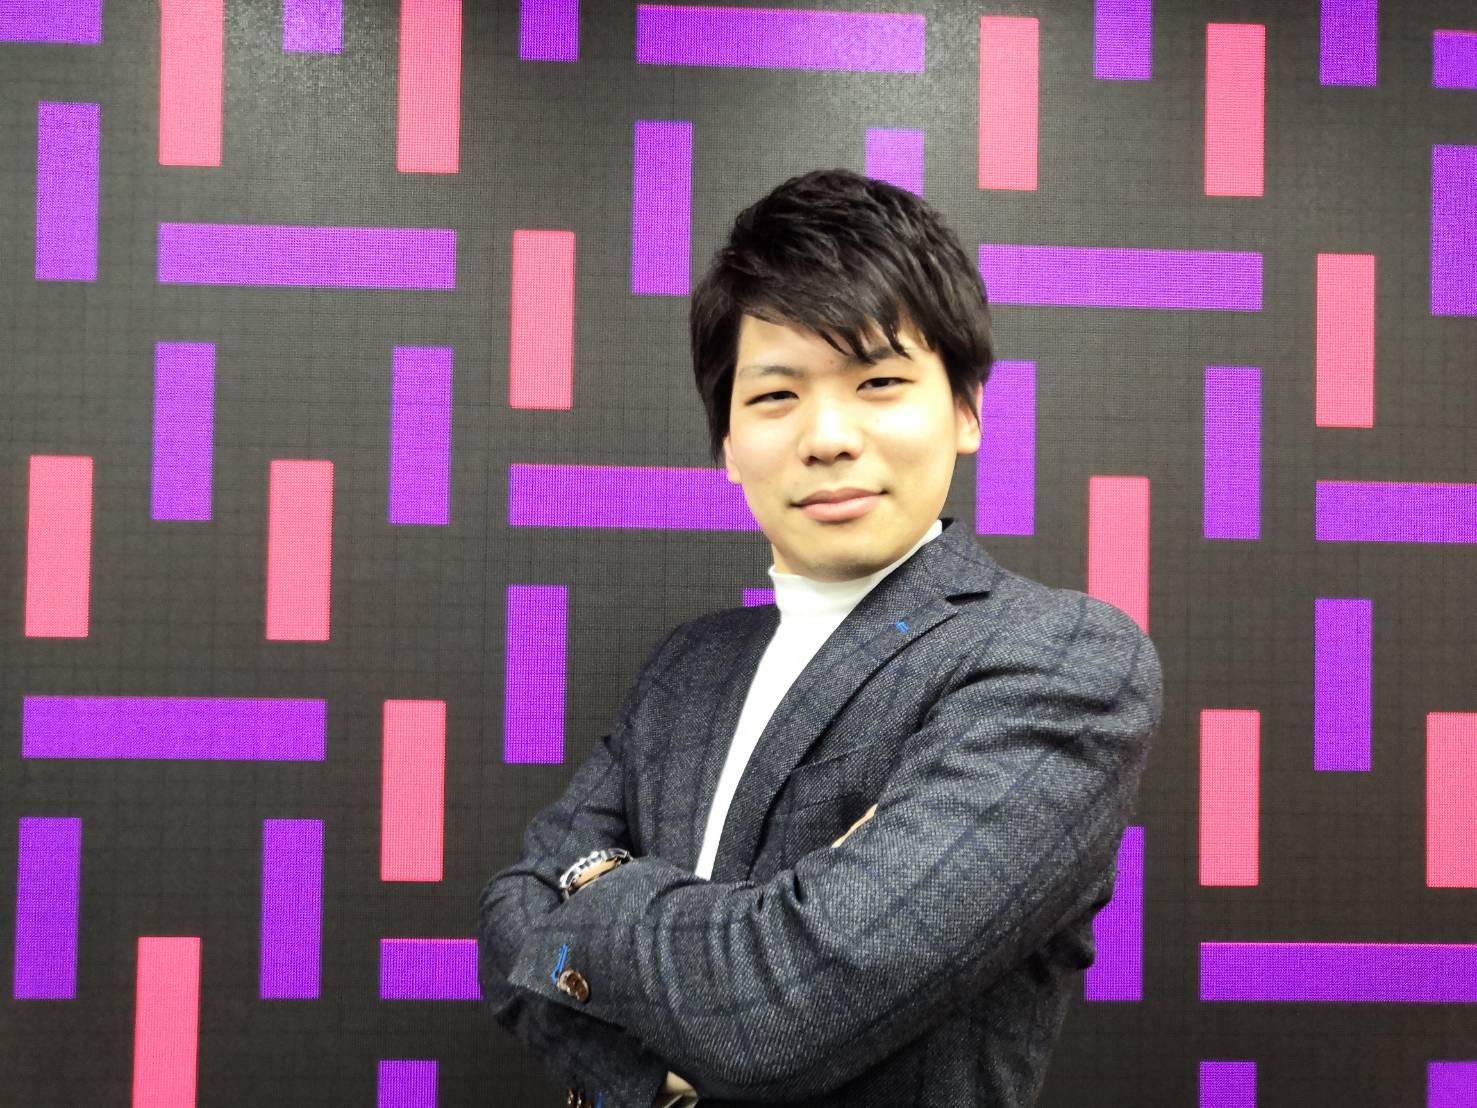 最年少・最速昇進した外コン出身起業家インタビュー|勉強は金になる!外コン出身起業家が目指す世界